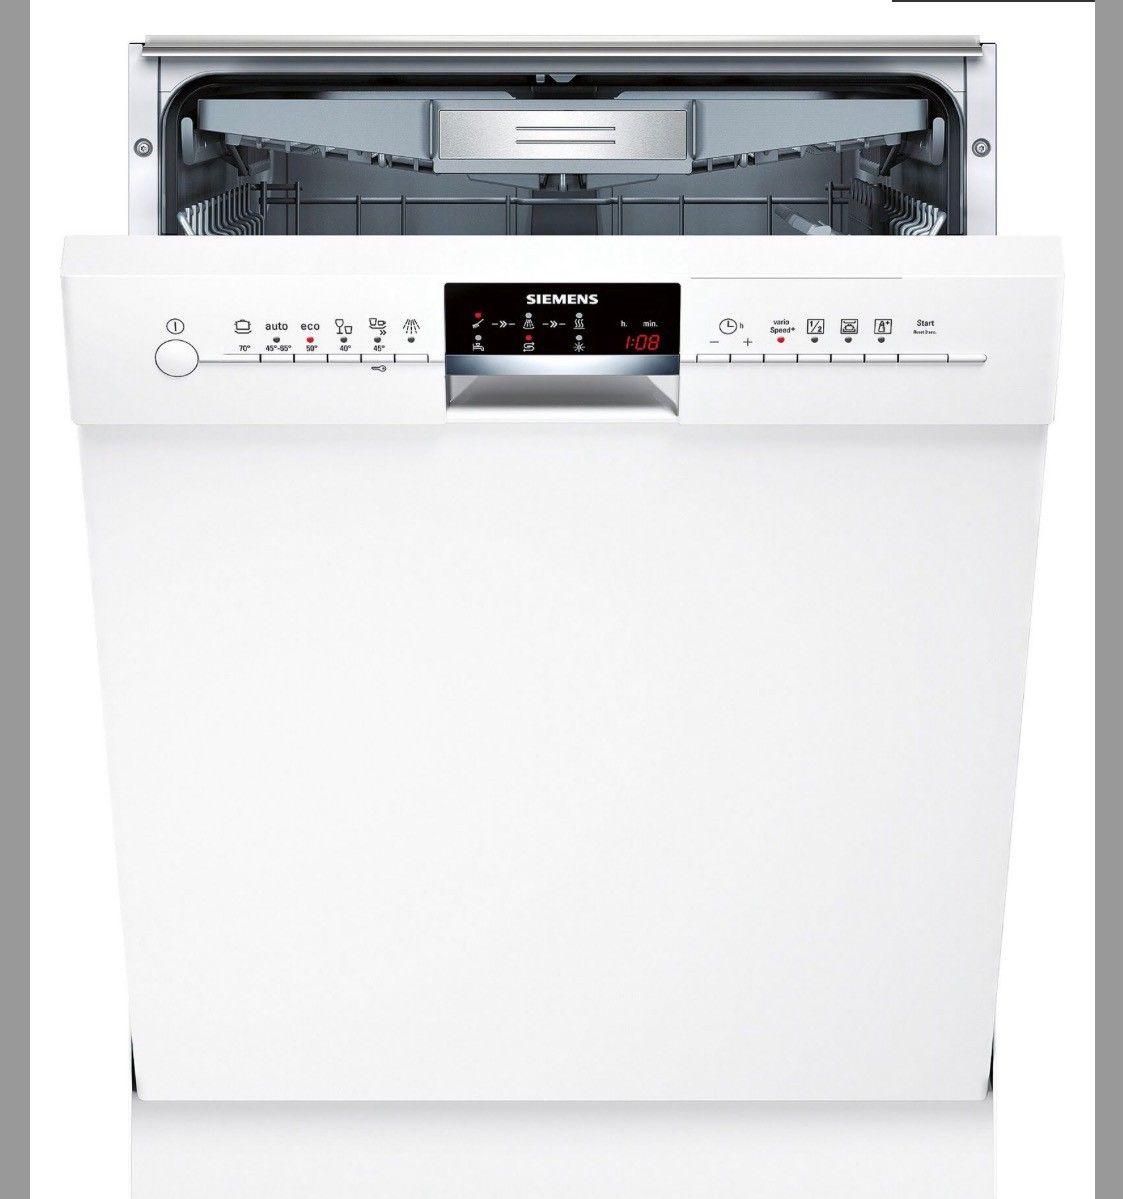 Siemens oppvaskmaskin, kjøpt i desember 2016 - Kongsvinger  - Siemens oppvaskmaskin kjøpt i desember 2016. Se spesifikasjoner på bilde 4, eller gå inn på   http://www.siemens-home.bsh-group.com/no/produktliste/SN46M290SK  Nypris 8899. Selges for hbo 4500 - Kongsvinger